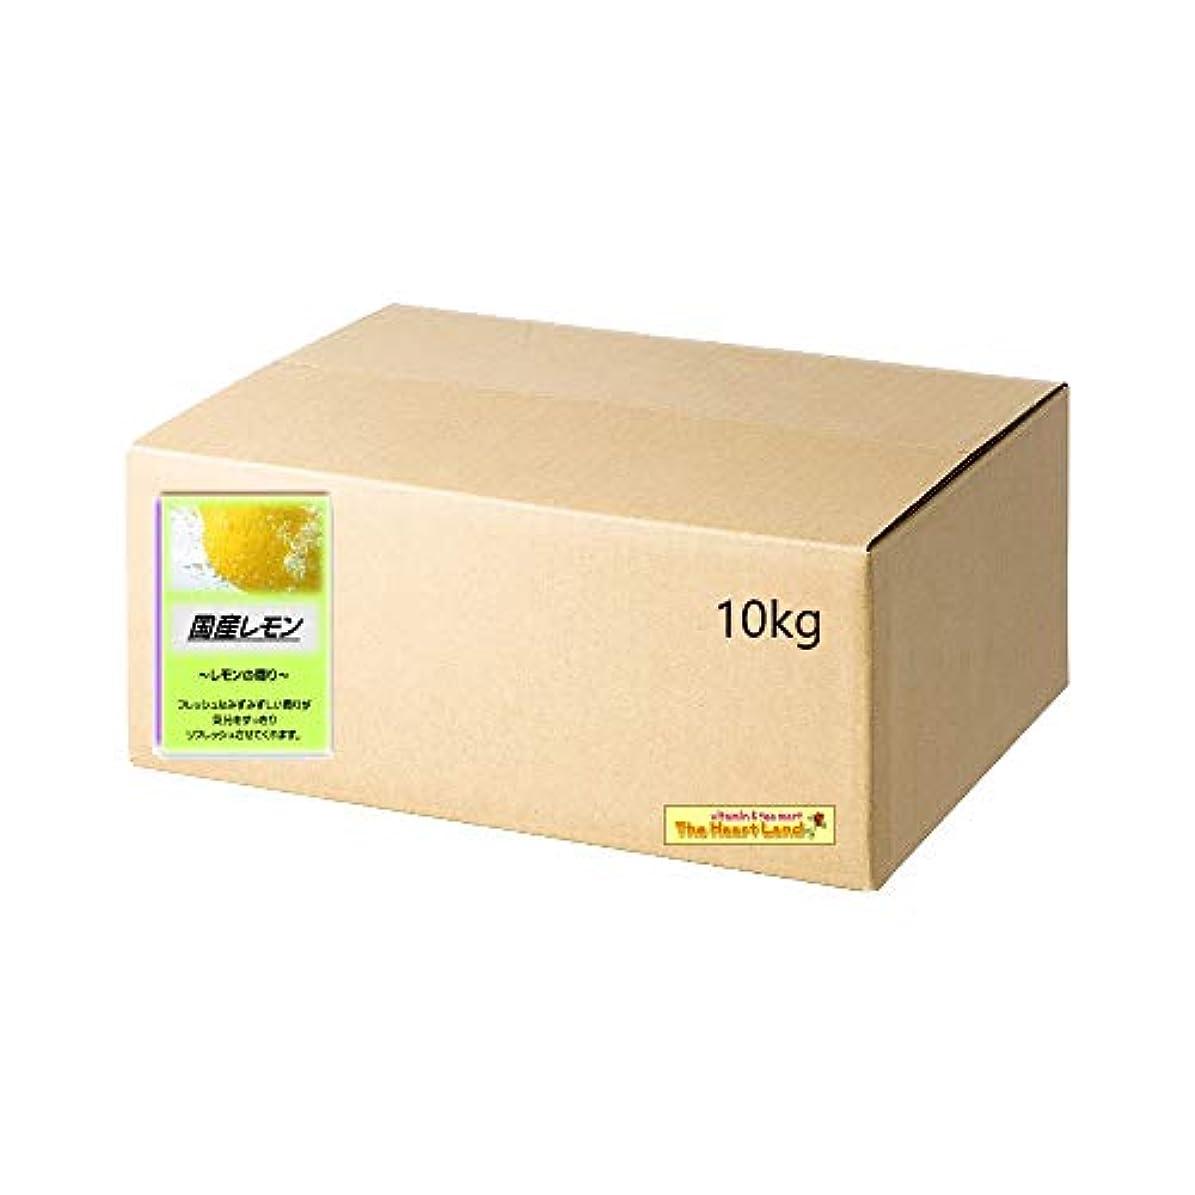 時制注入わずかにアサヒ入浴剤 浴用入浴化粧品 国産レモン 10kg